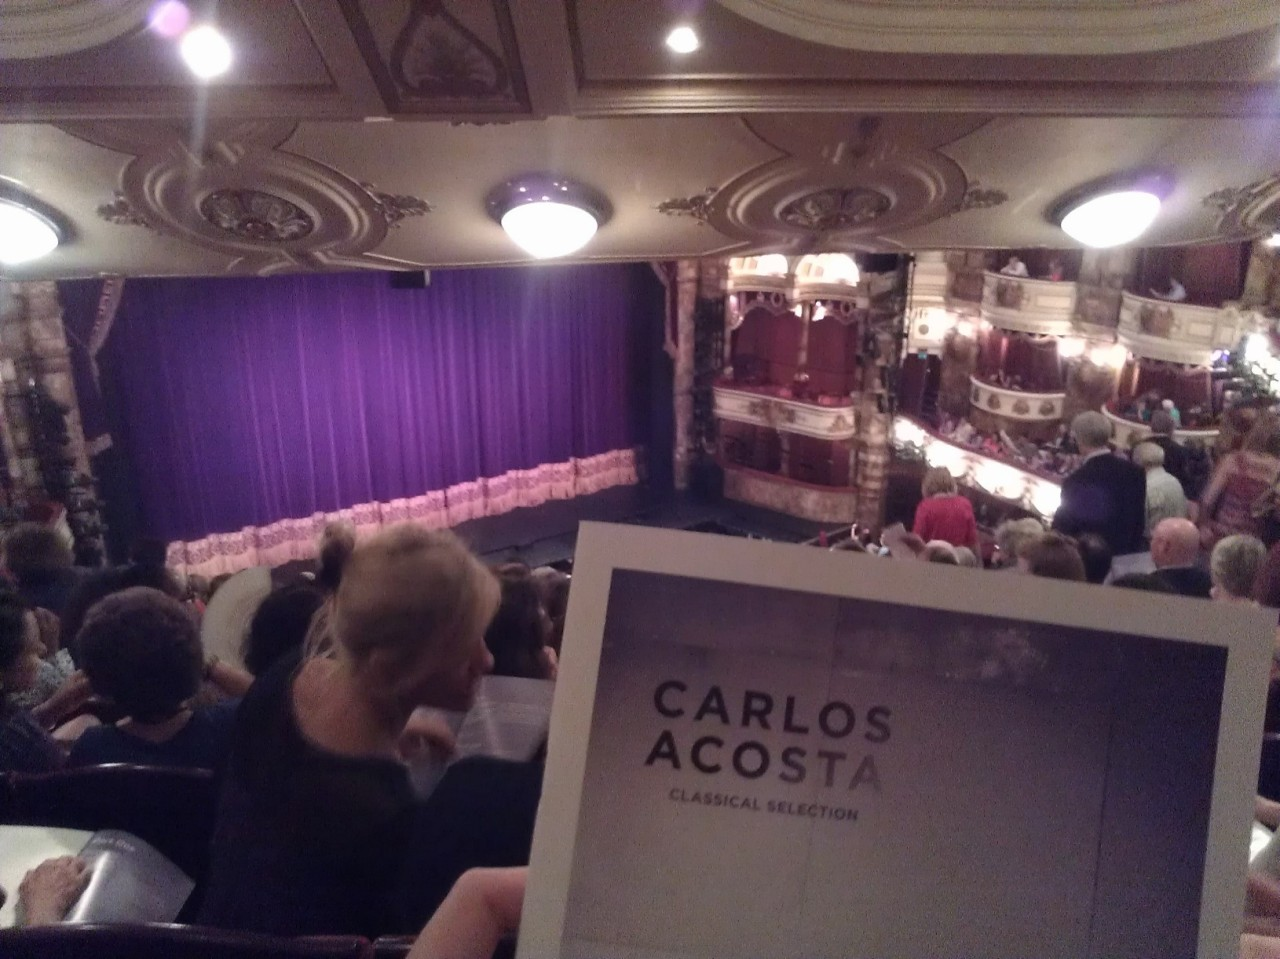 """Hemos visto… a Carlos Acosta en el Coliseum de Londres con una excelente """"Classical Selection"""" con la que conmemora su 40 aniversario esteverano"""